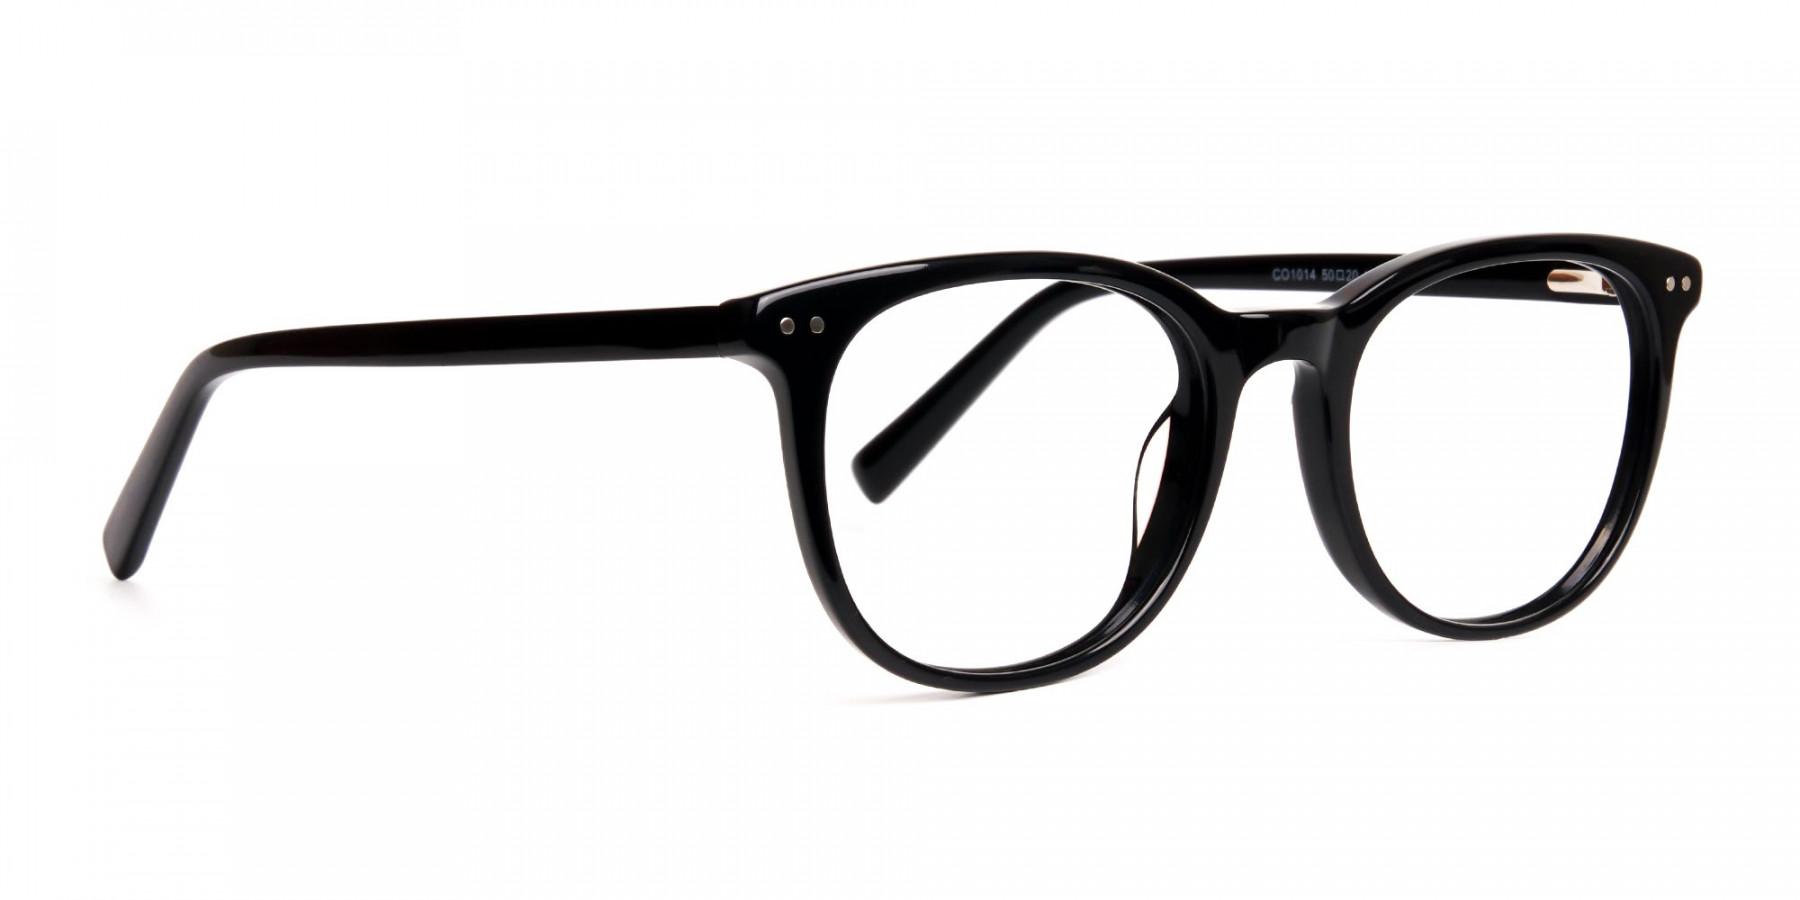 black-acetate-round-wayfarer-full-rim-glasses-frames-1